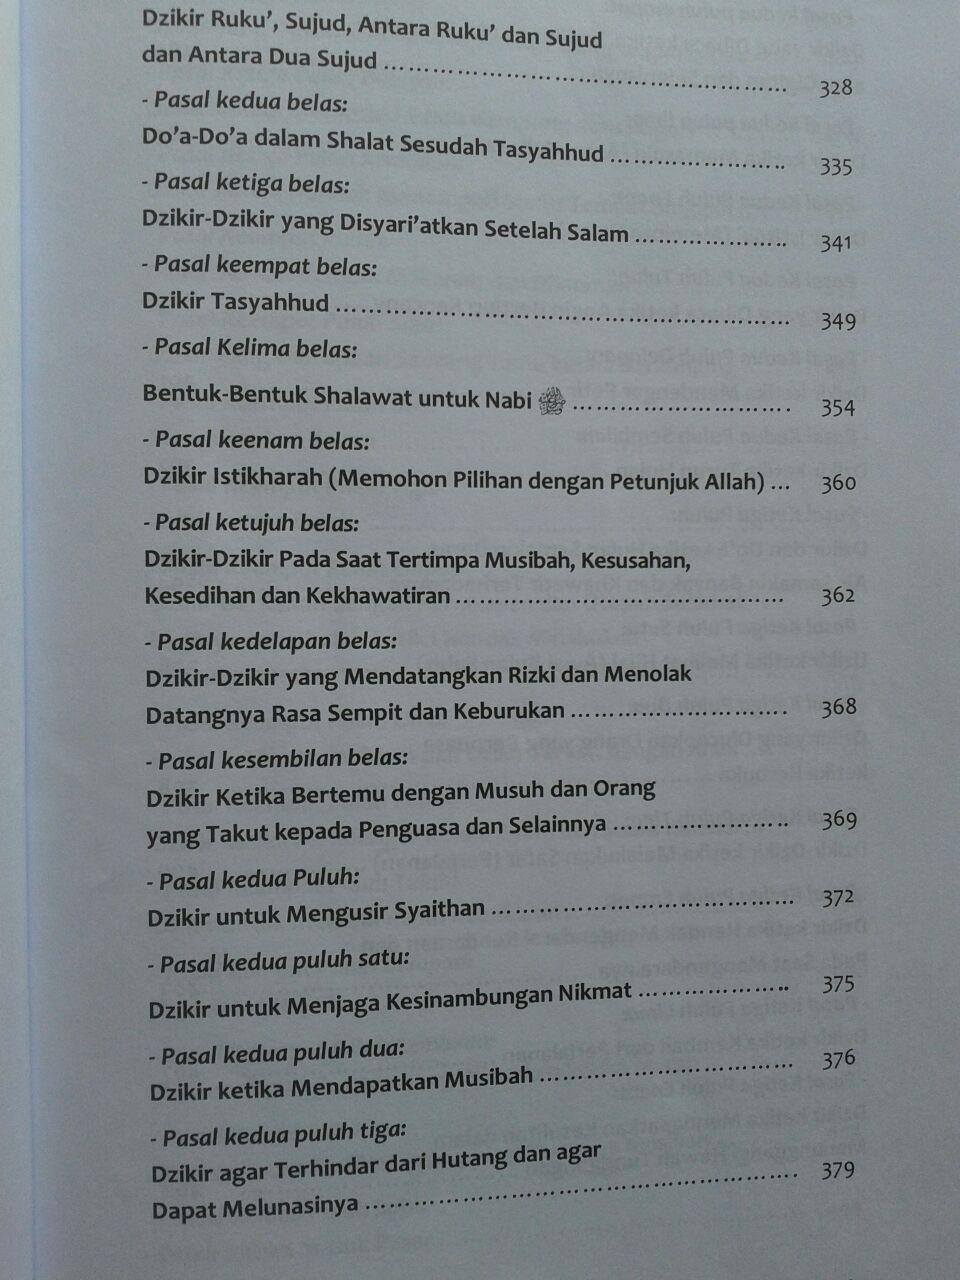 Buku Al-Wabilush Shayyib Meningkatkan Dzikir Amal Shalih 100.000 20% 80.000 Griya Ilmu Ibnul Qayyim Al-Jauziyyah isi 4